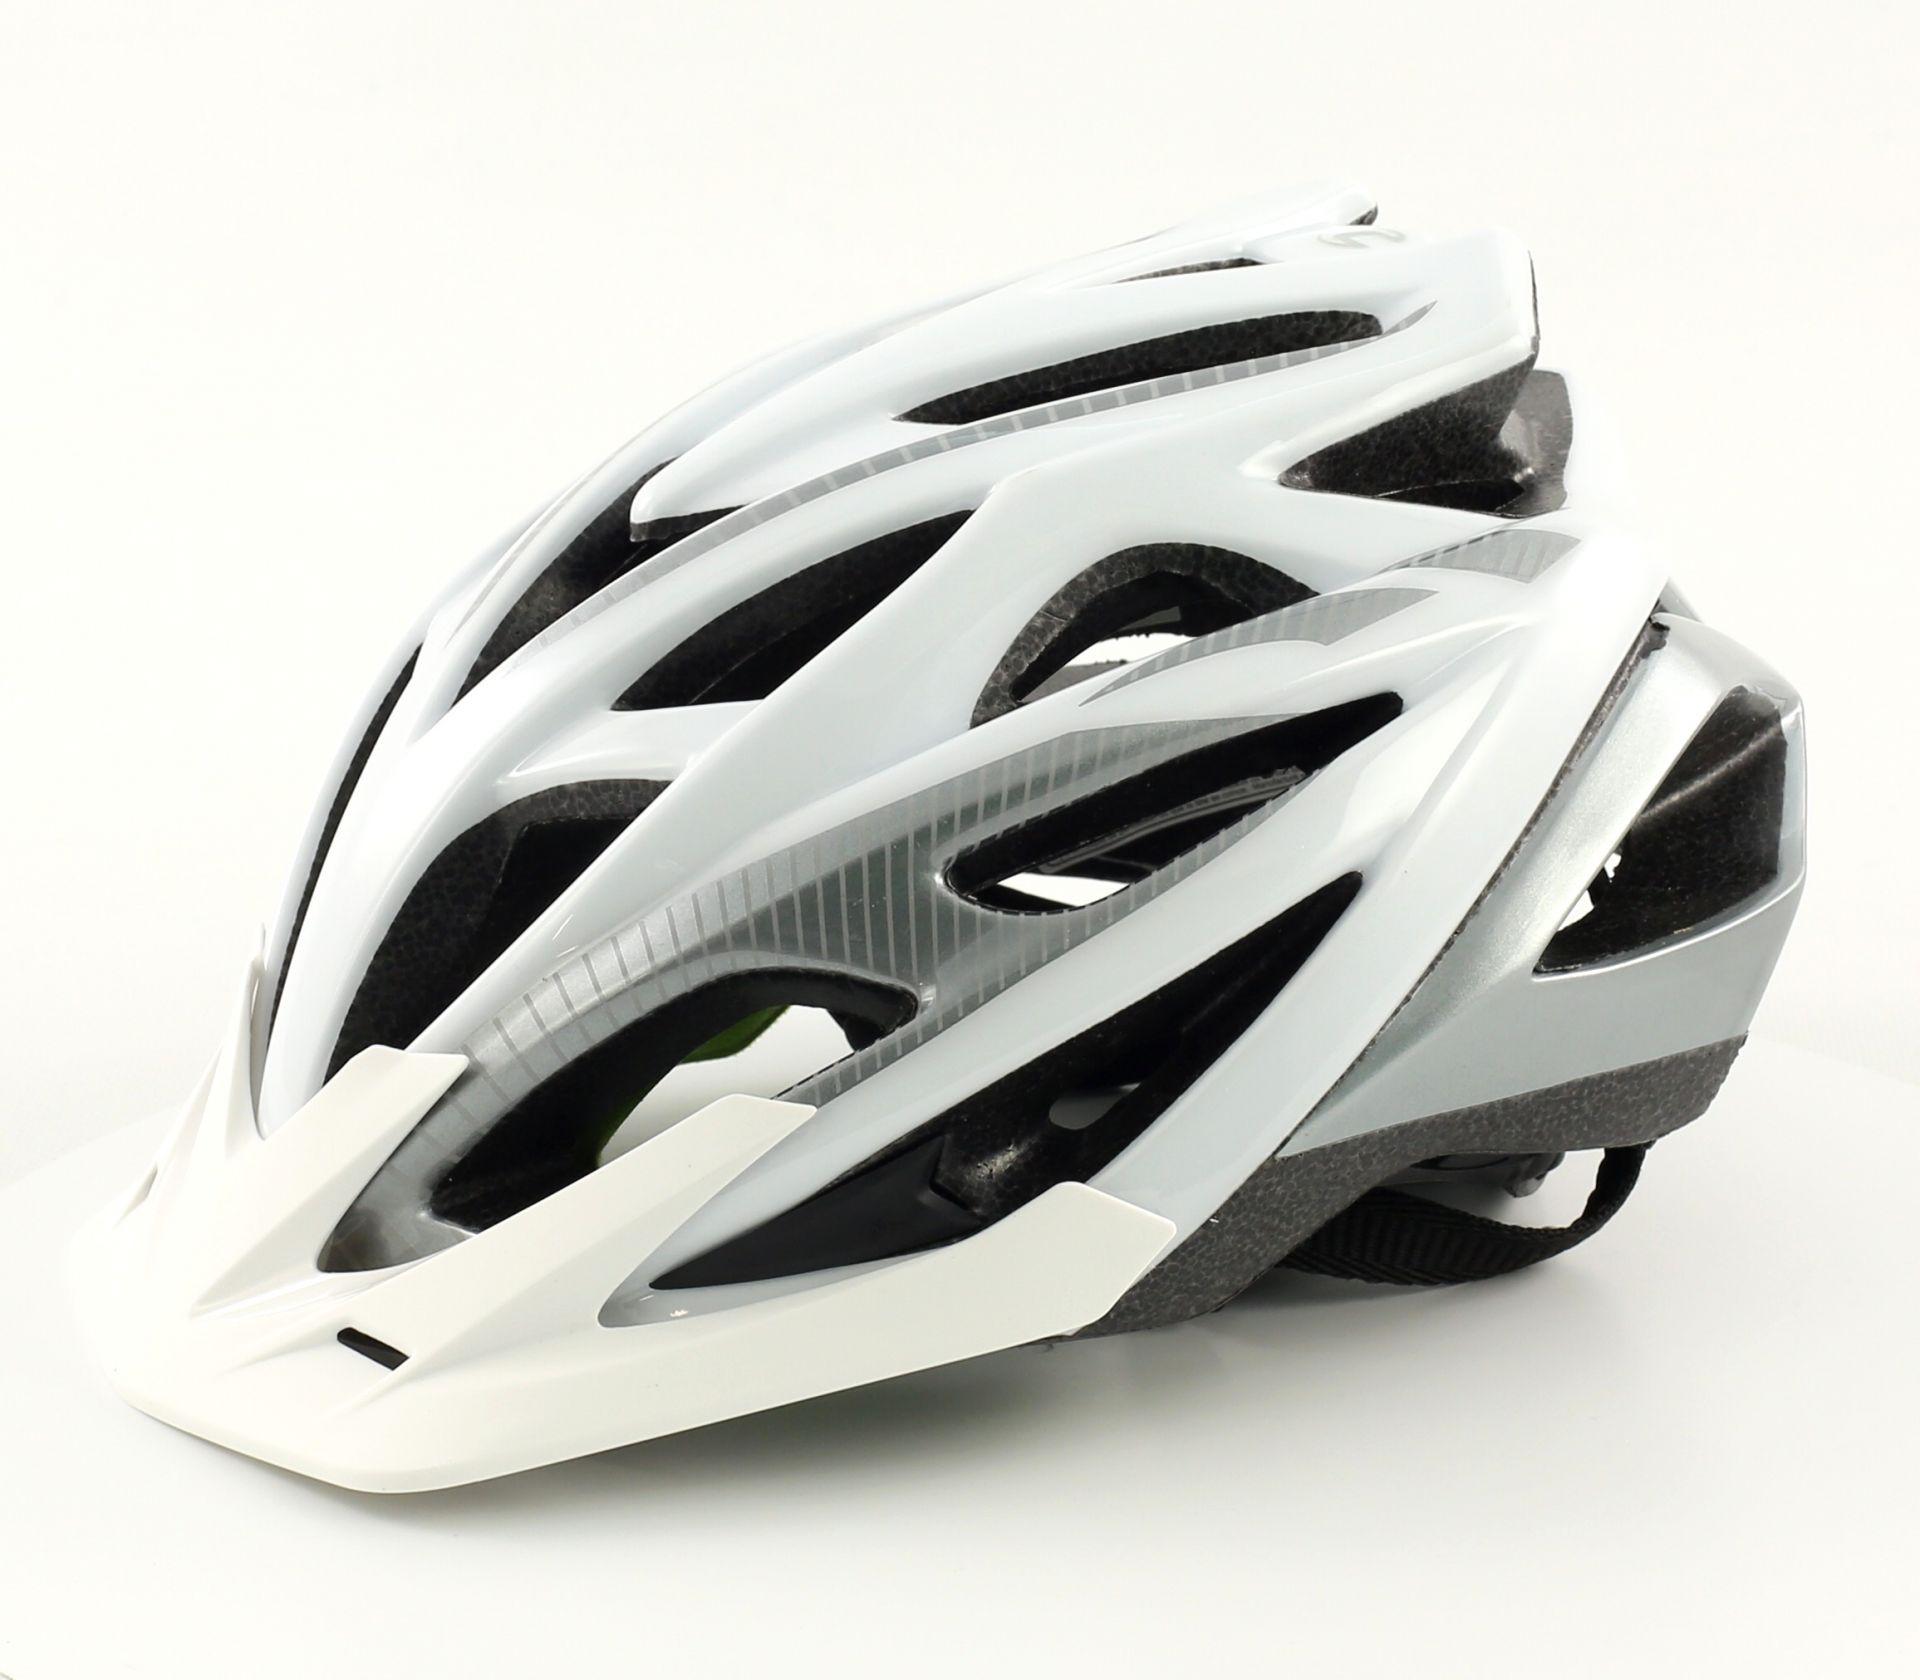 Casque Cannondale Helmet Radius (White/Silver) M